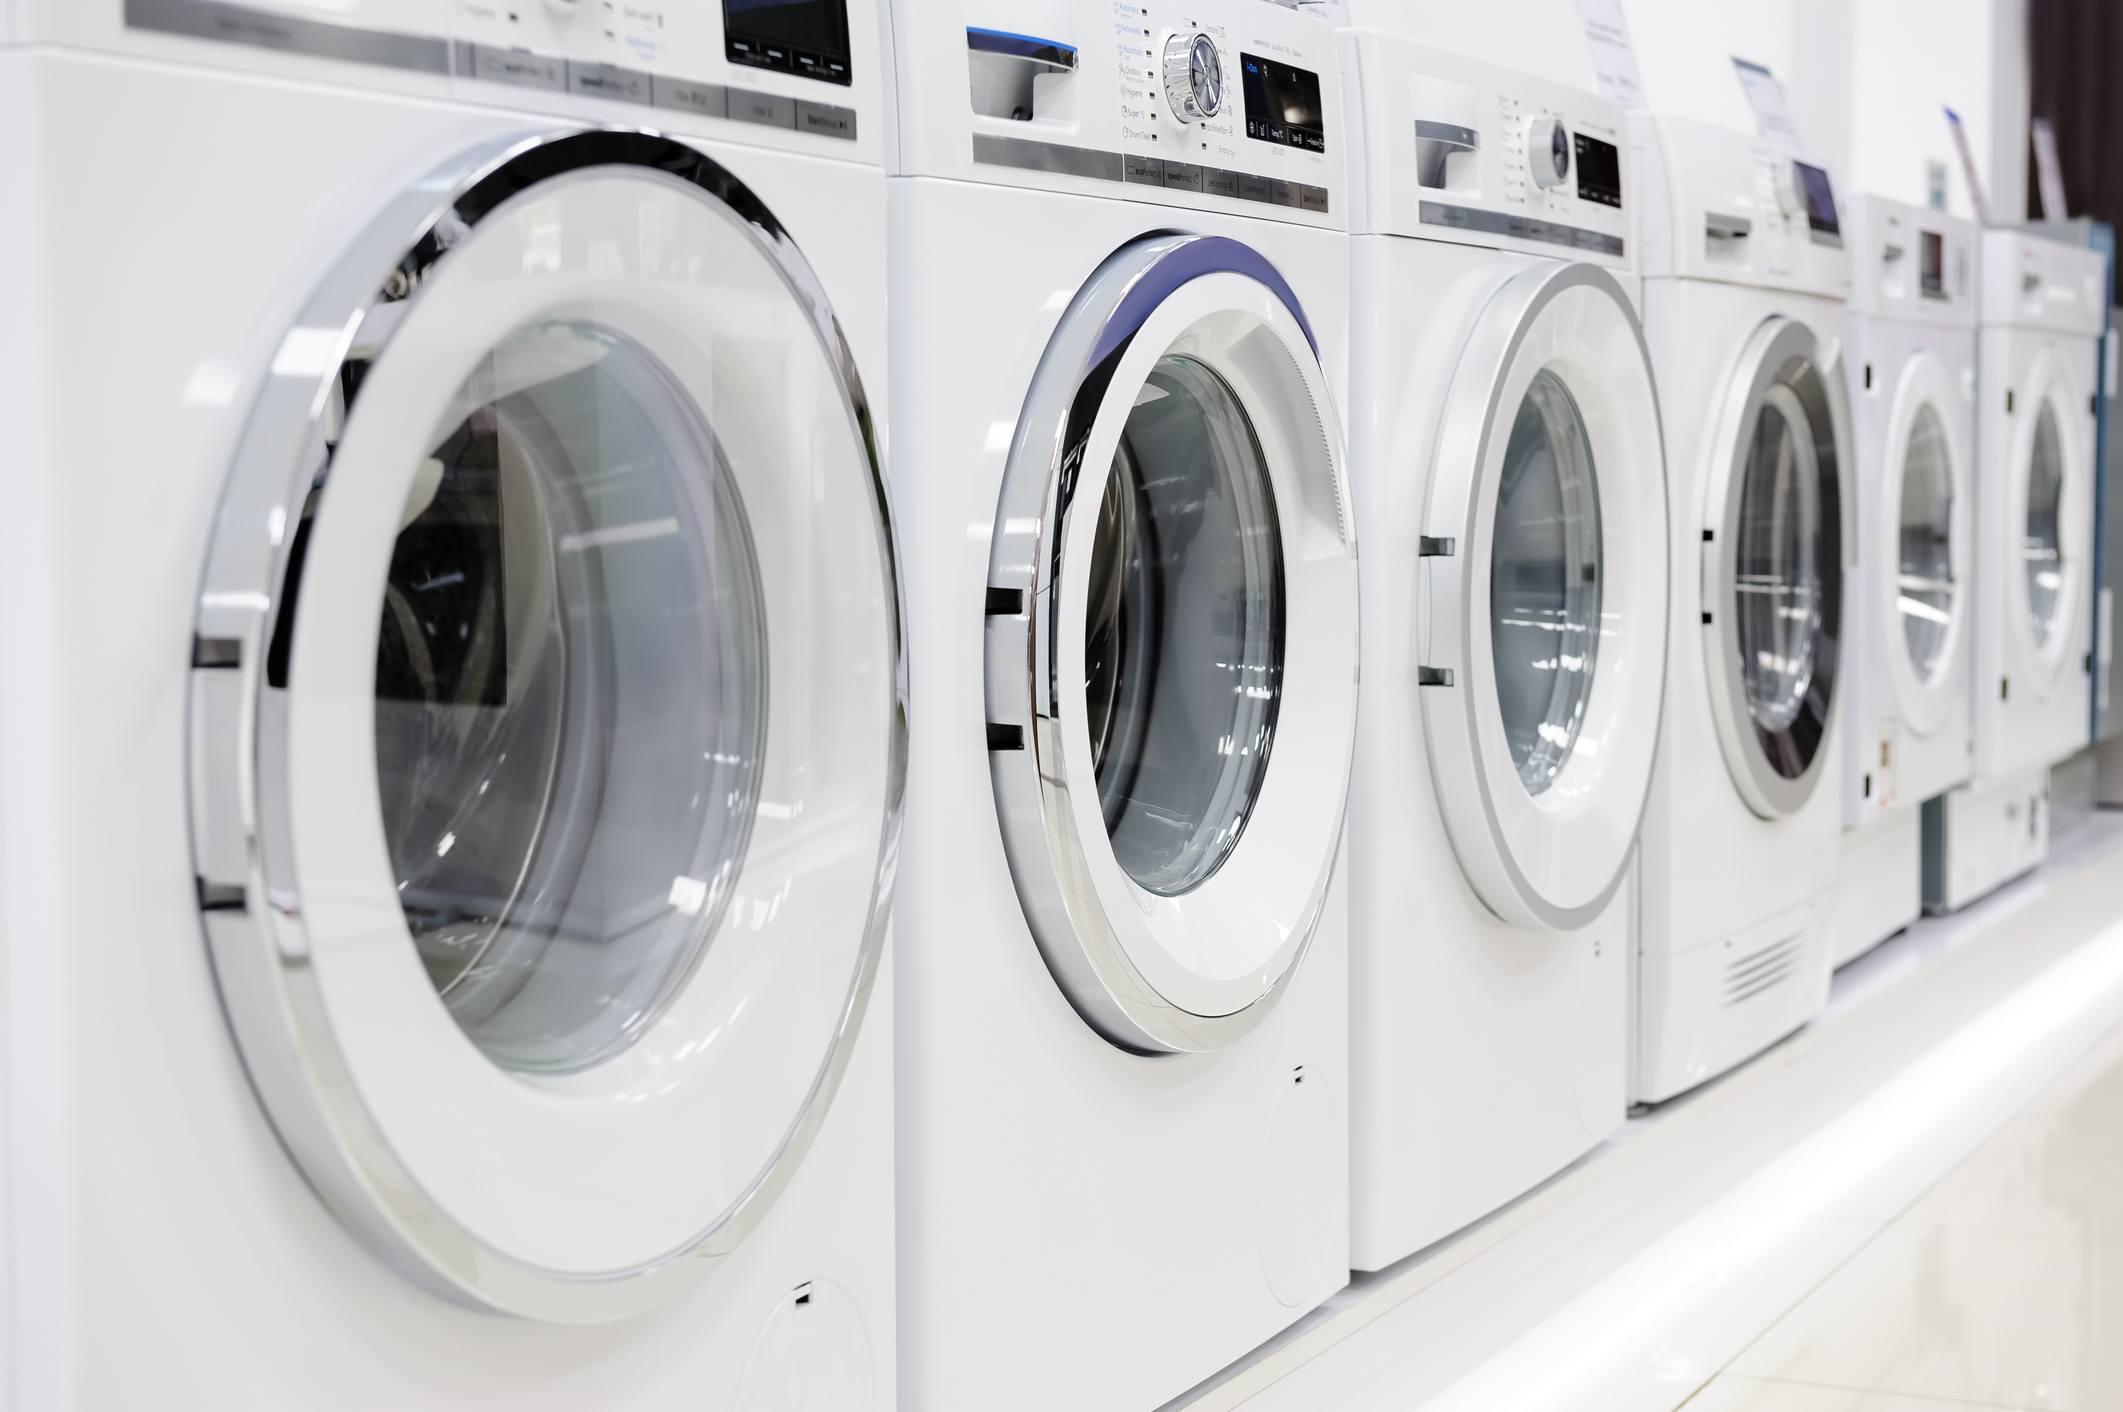 Washing machines and dryer